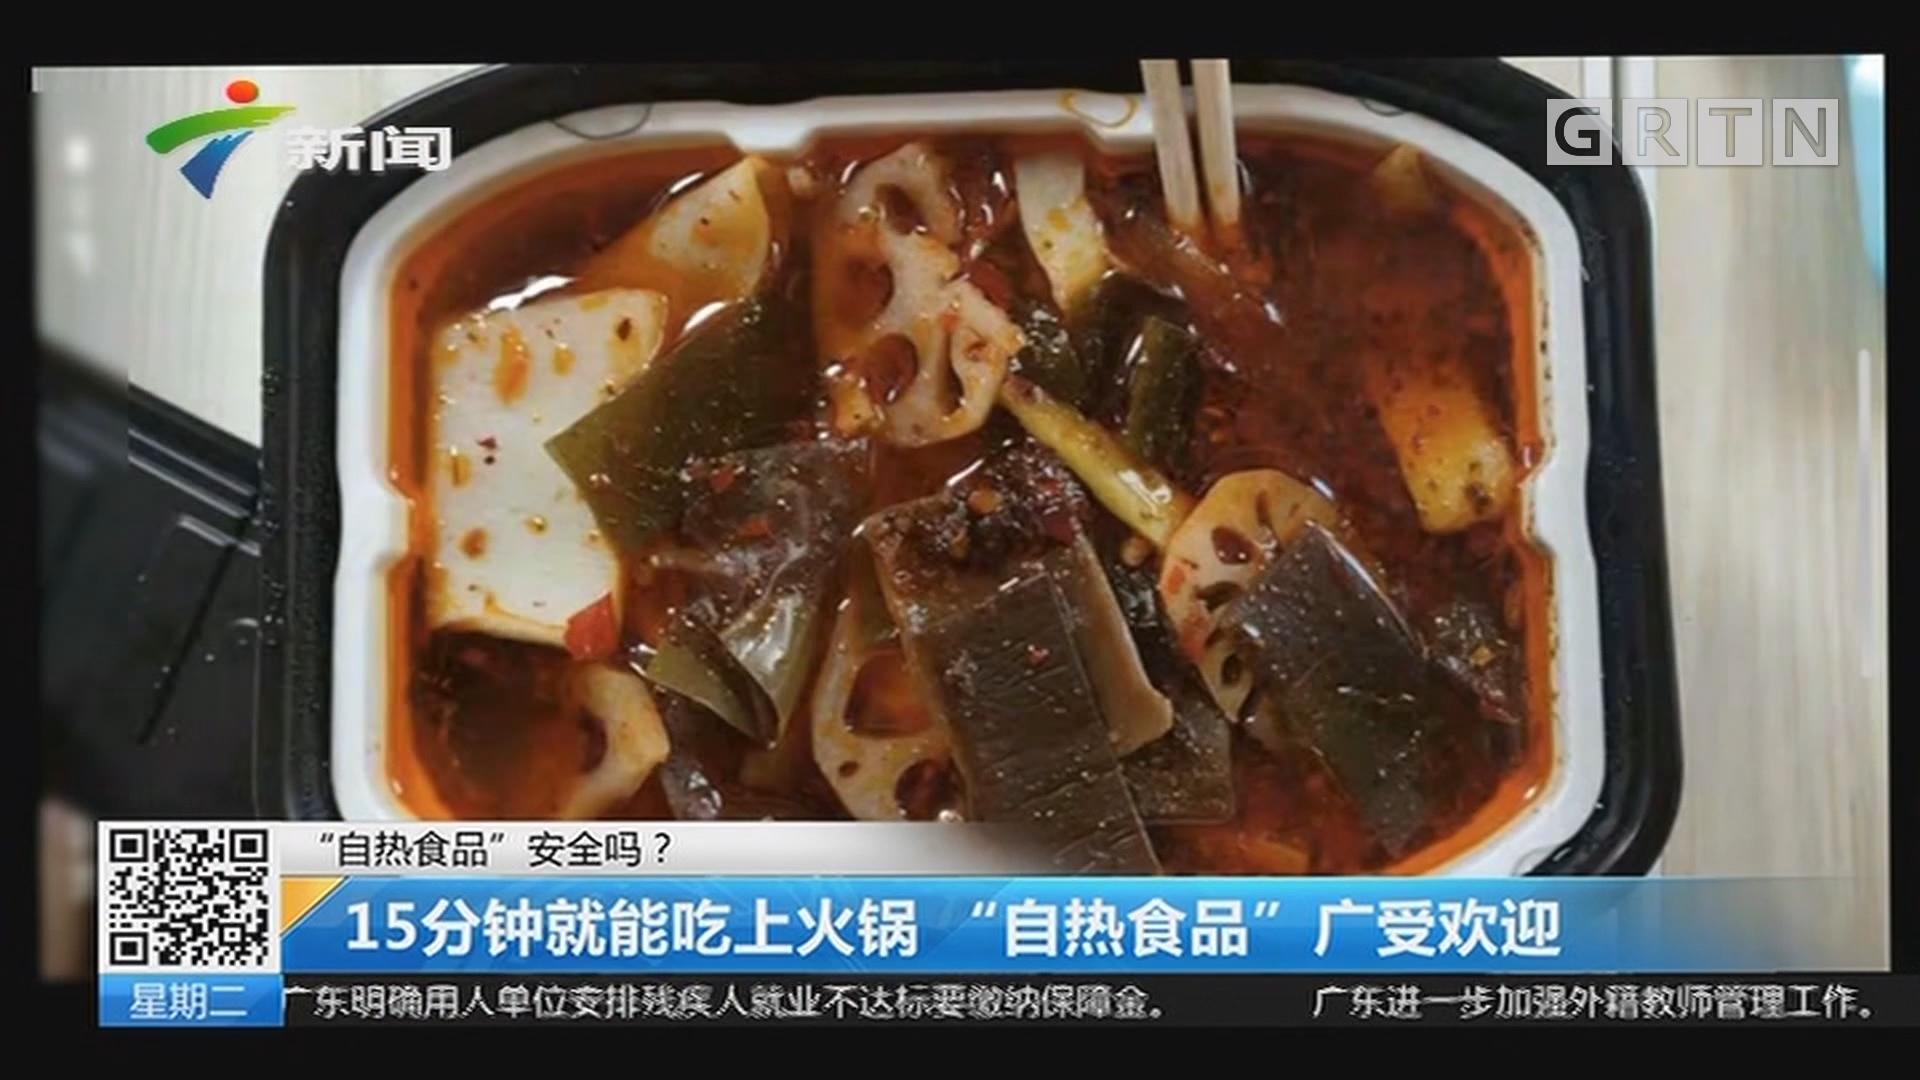 """""""自热食品""""安全吗? 15分钟就能吃上火锅 """"自热食品""""广受欢迎"""